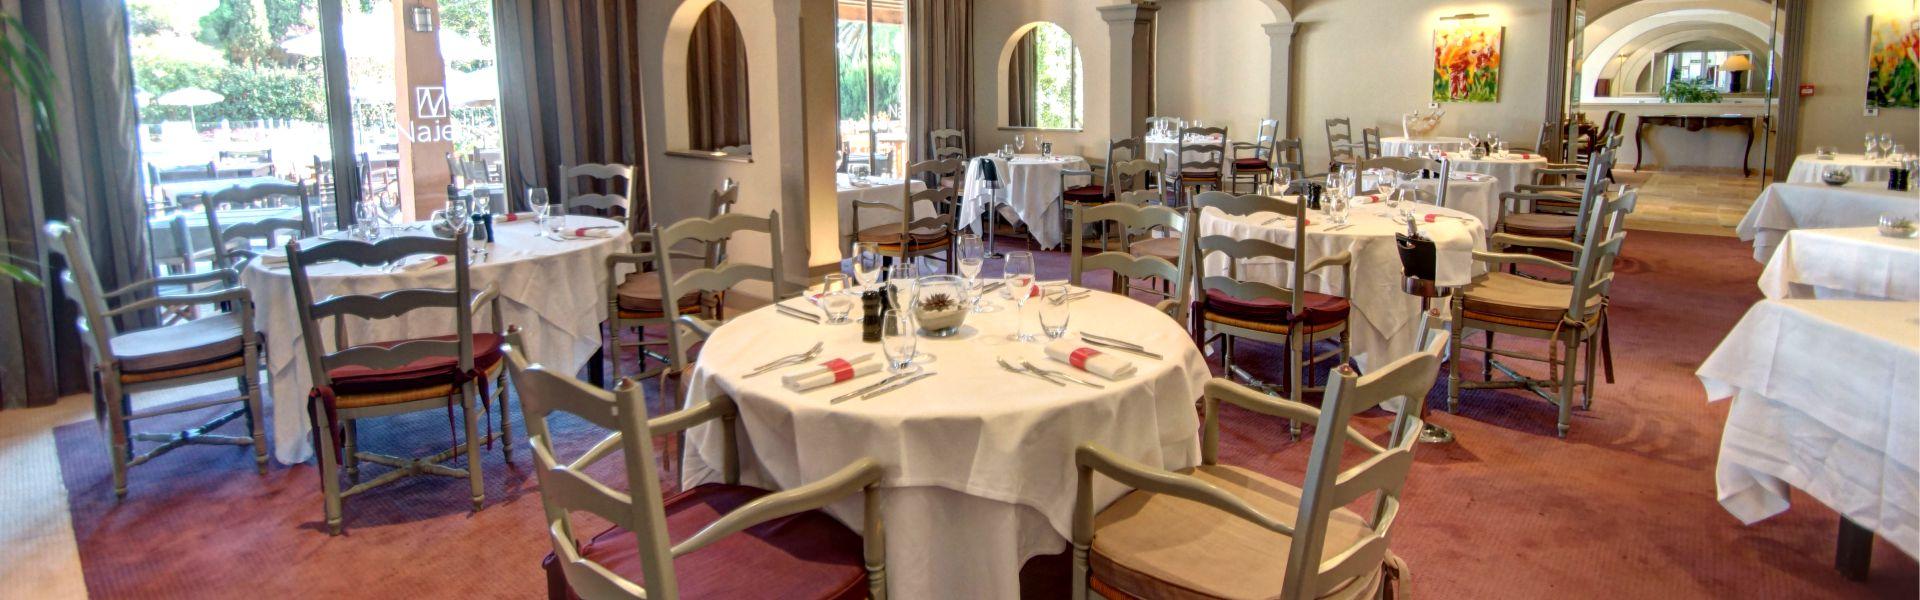 Salle du restaurant Najeti les Pins Parasols à Valescure.